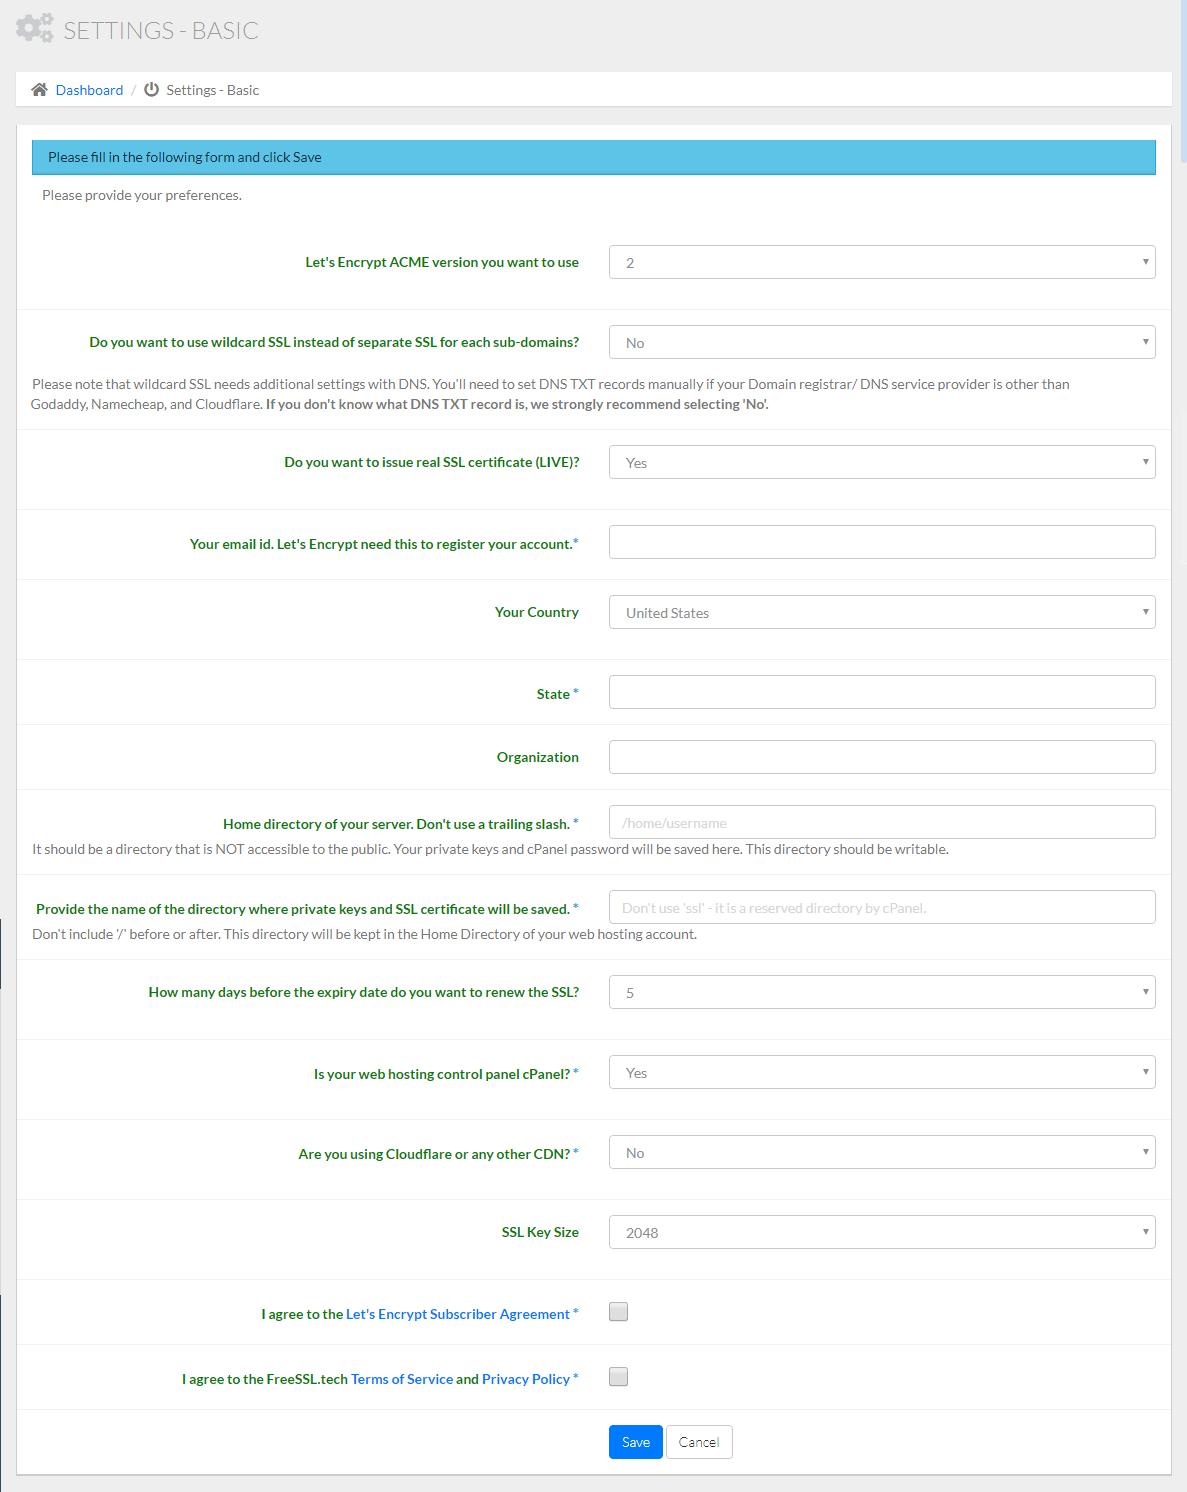 Emitir certificados SSL gratuitos Let's Encrypt automaticamente no cPanel images/26-emitir-certificados-gratuitos-lets-encrypt-automaticamente-cpanel/27-free-ssl-certificate-app-basic-settings.png